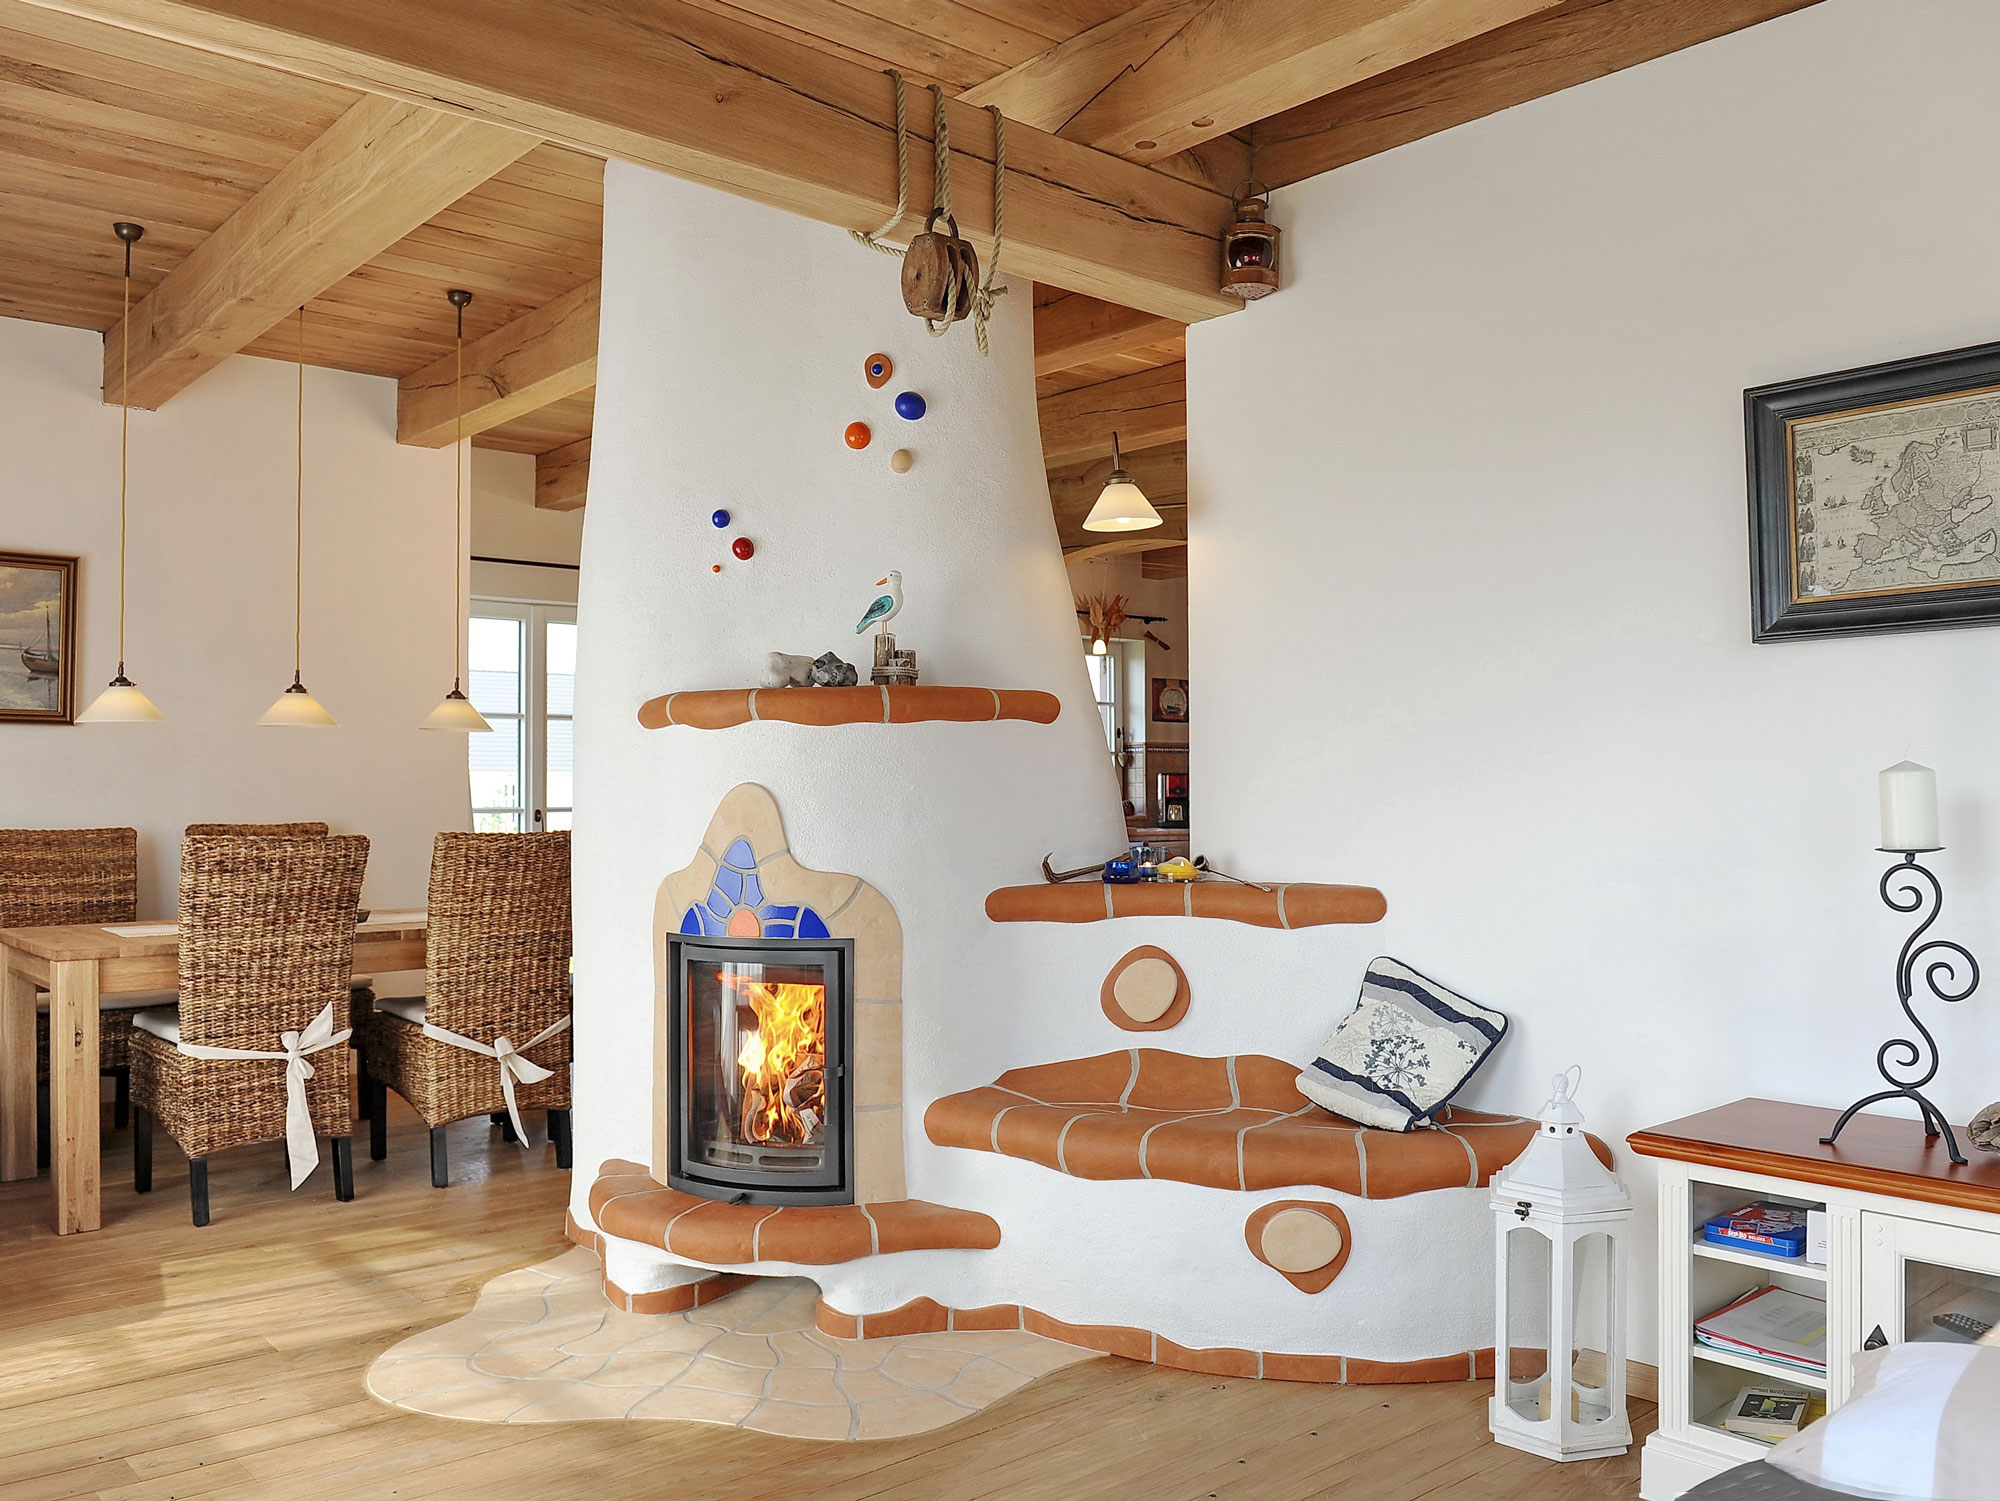 дизайн русской печи в доме фото его словам